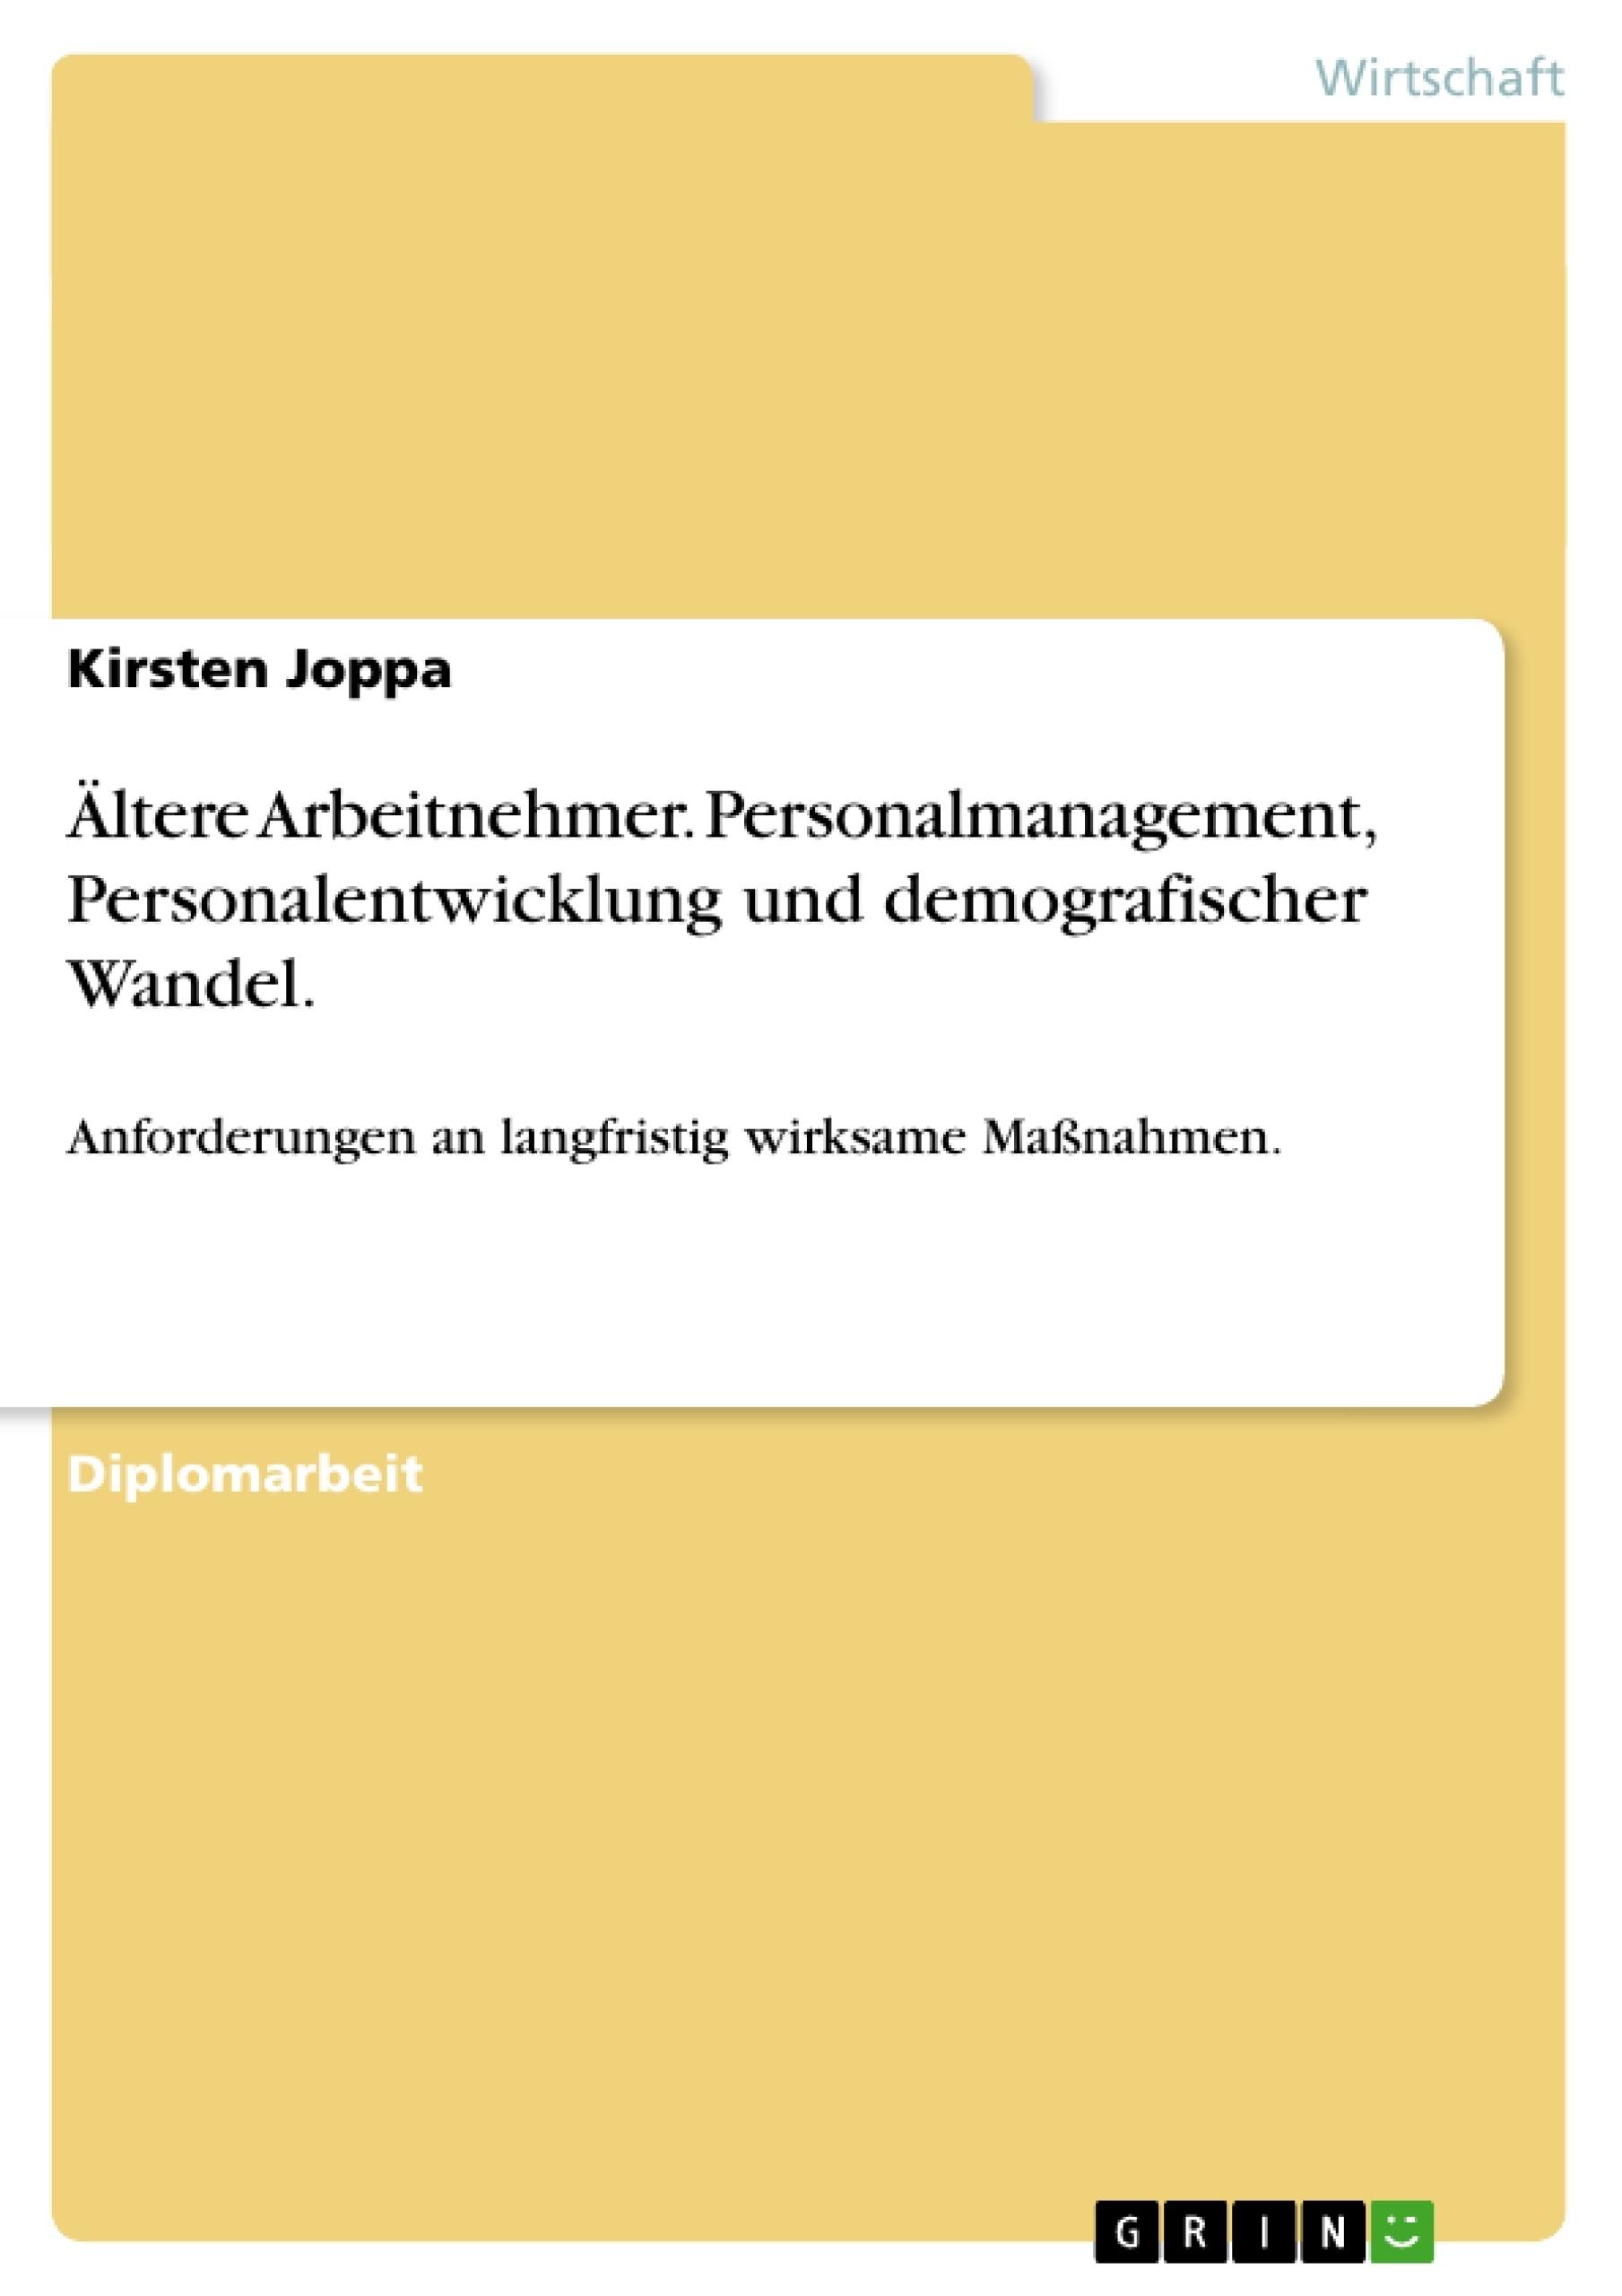 Titel: Ältere Arbeitnehmer. Personalmanagement, Personalentwicklung und demografischer Wandel.